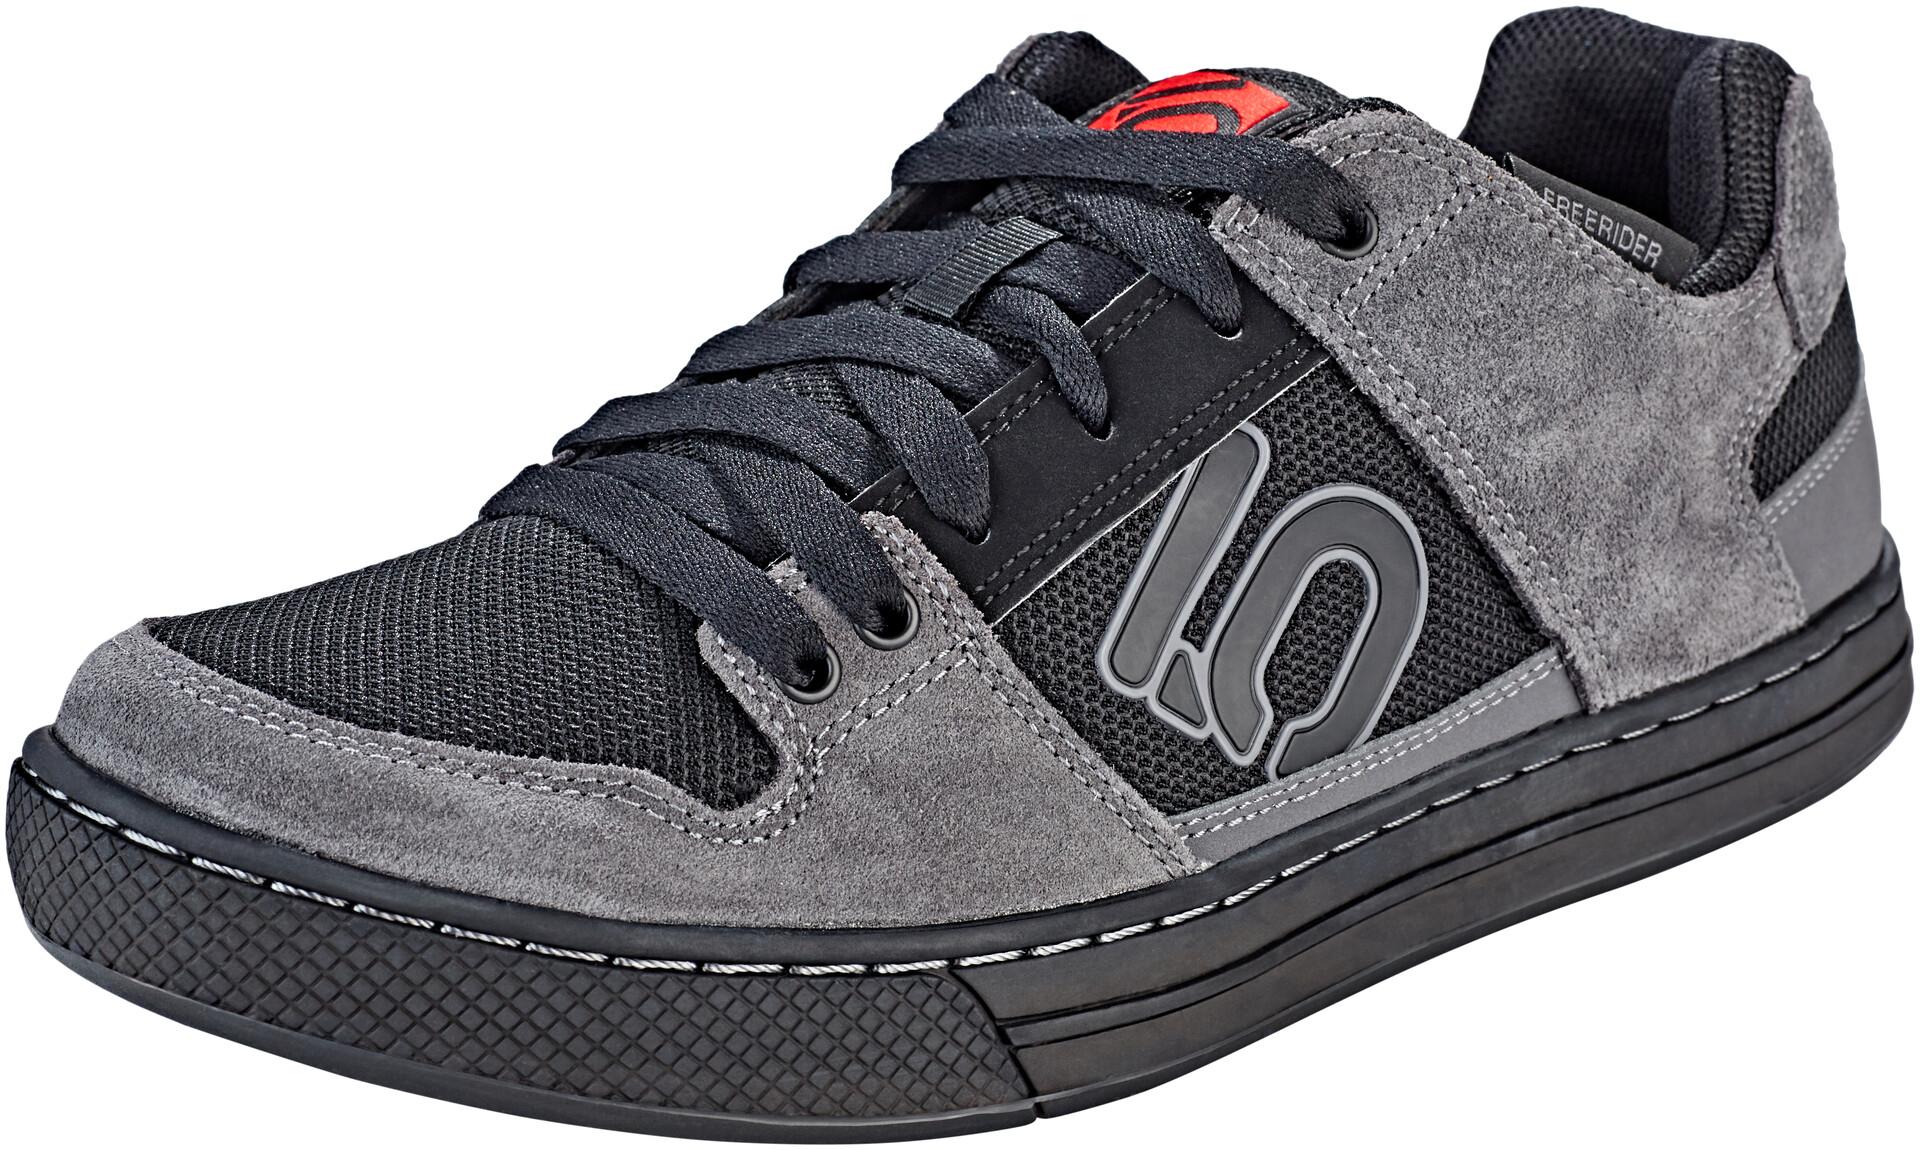 Noir//Kaki Five Ten Freerider VTT Chaussures